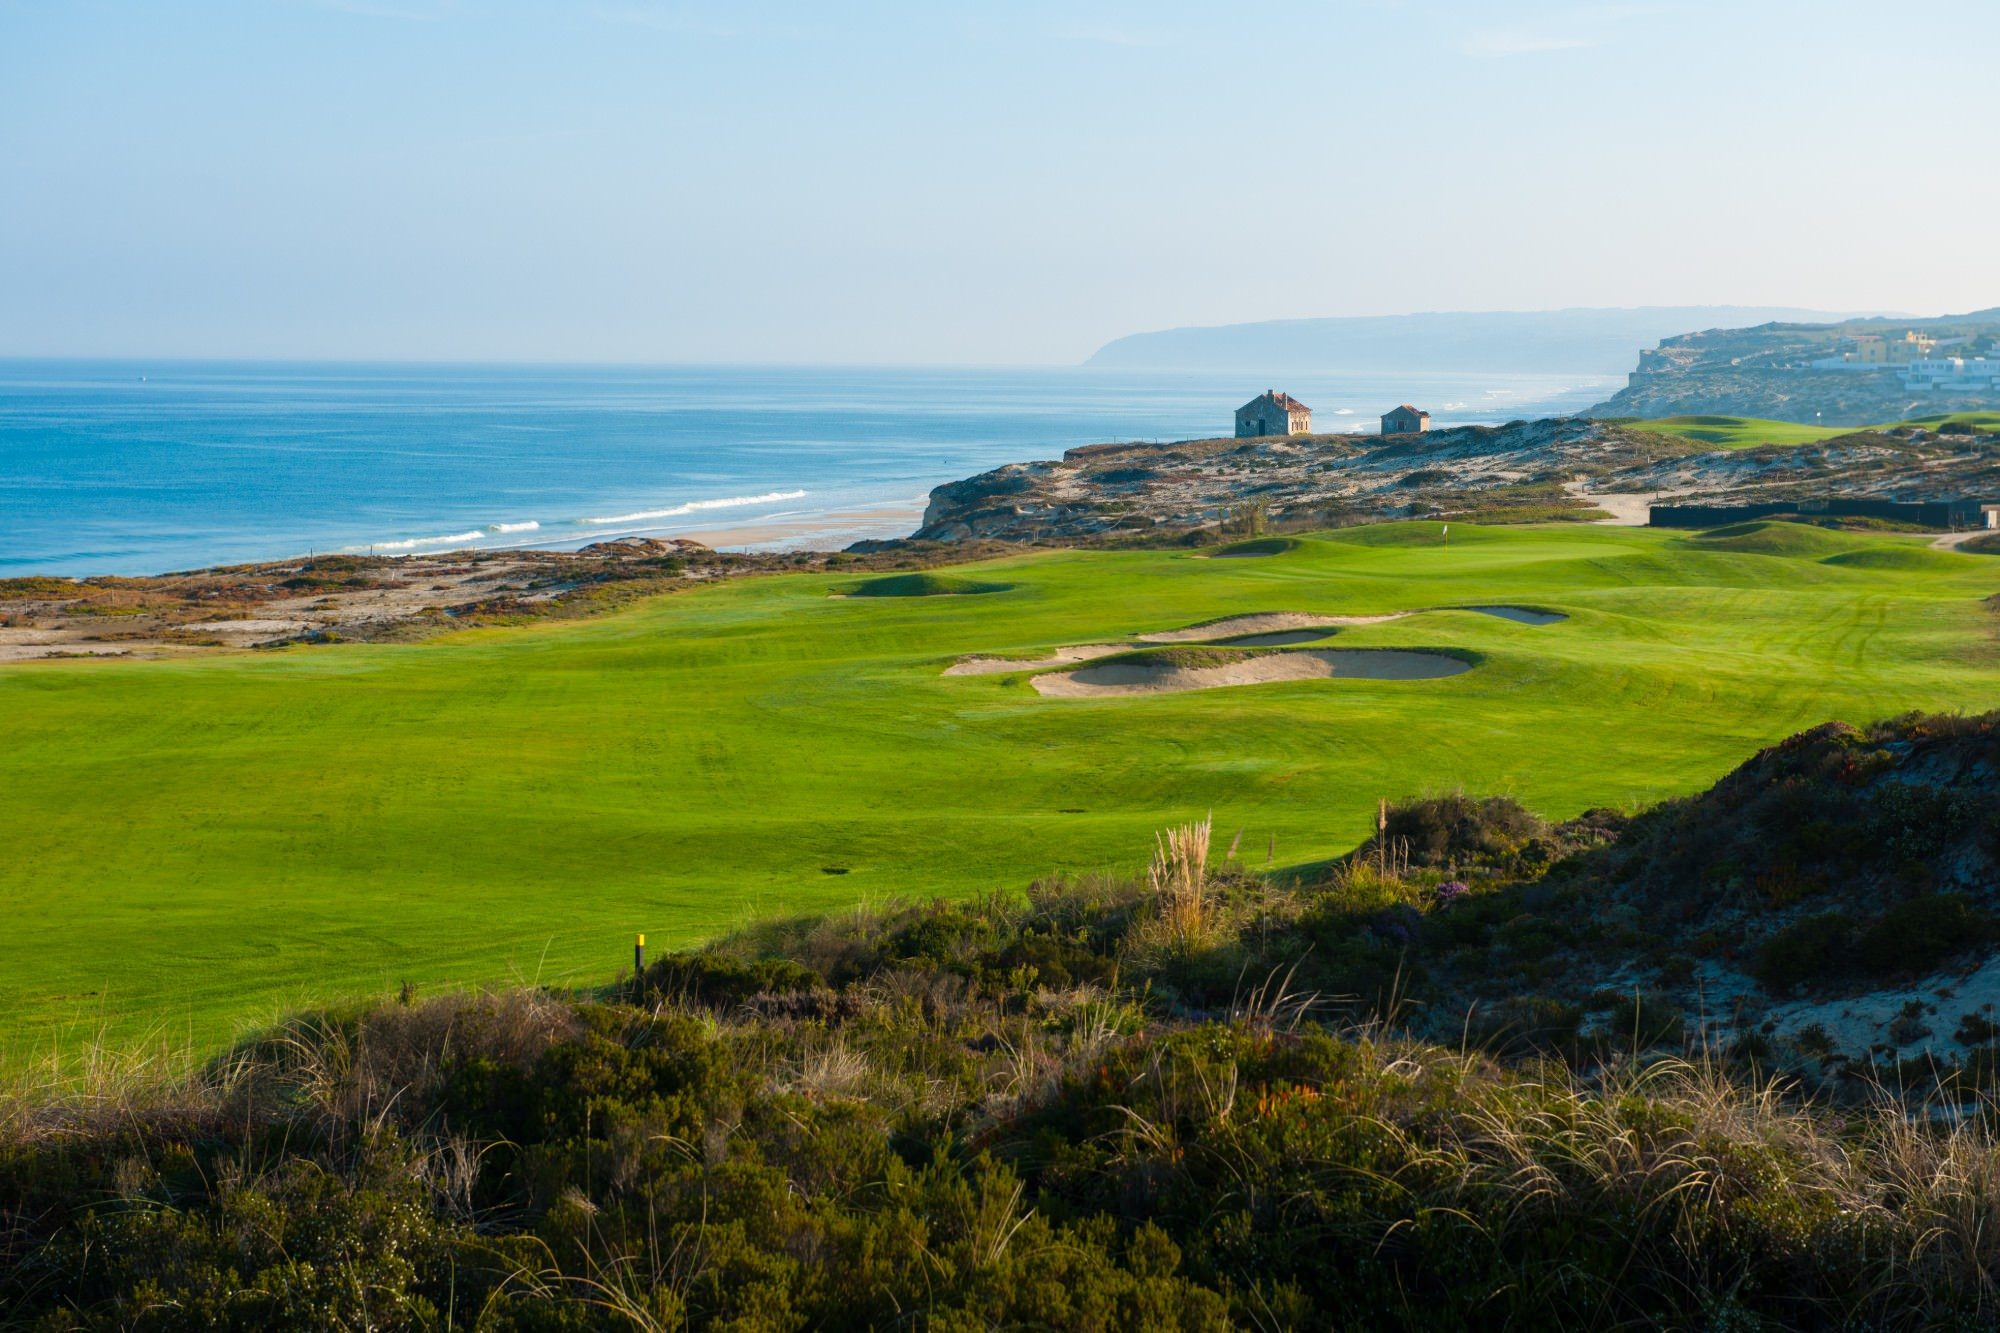 Praia d'El Rey Golf Club   Portugal   National Club Golfer ...